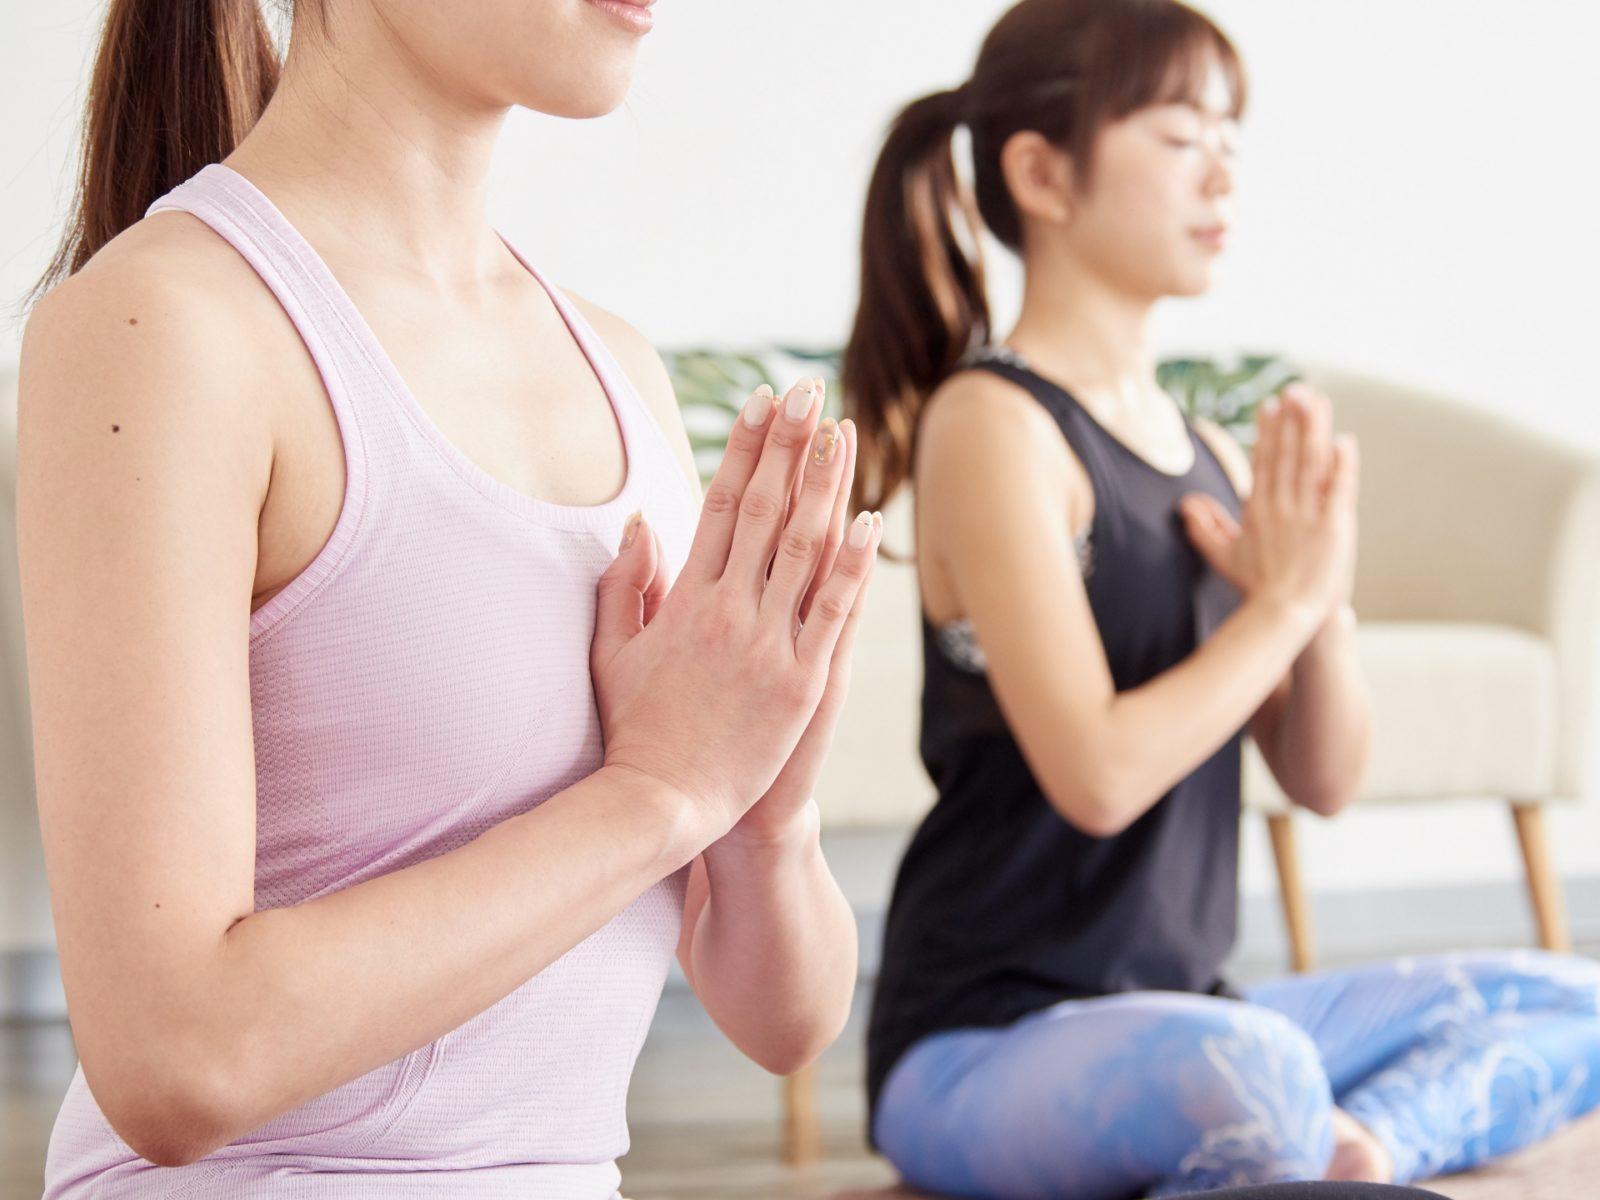 パーソナルトレーニングって何をするの?パーソナルトレーニングが女性に人気の理由